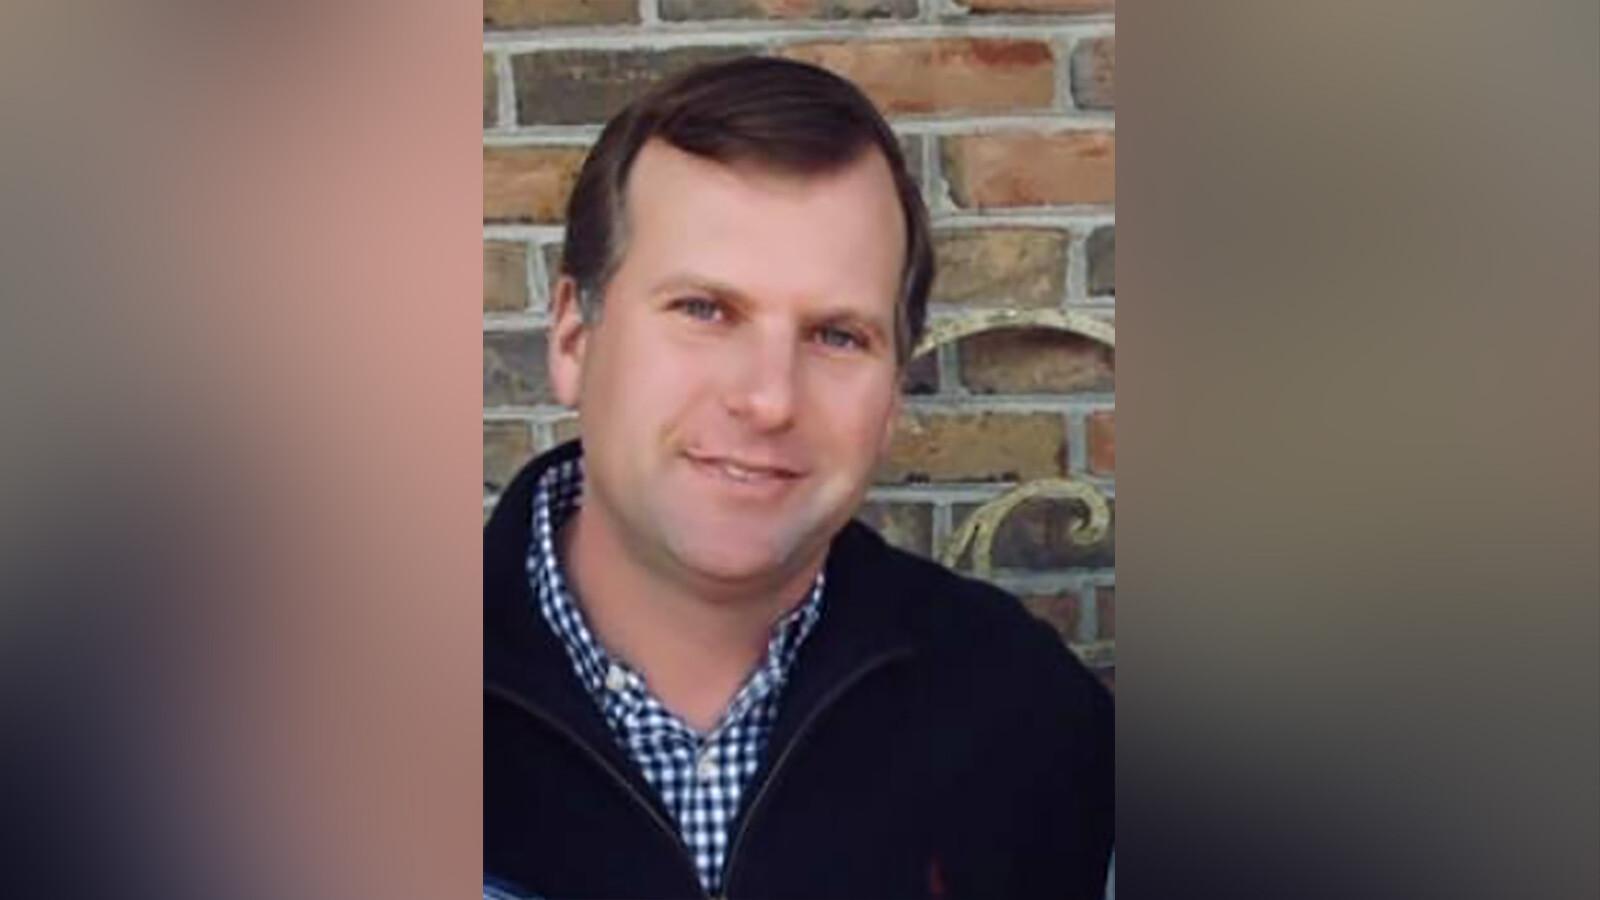 Funeral is held for slain golf pro Gene Siller